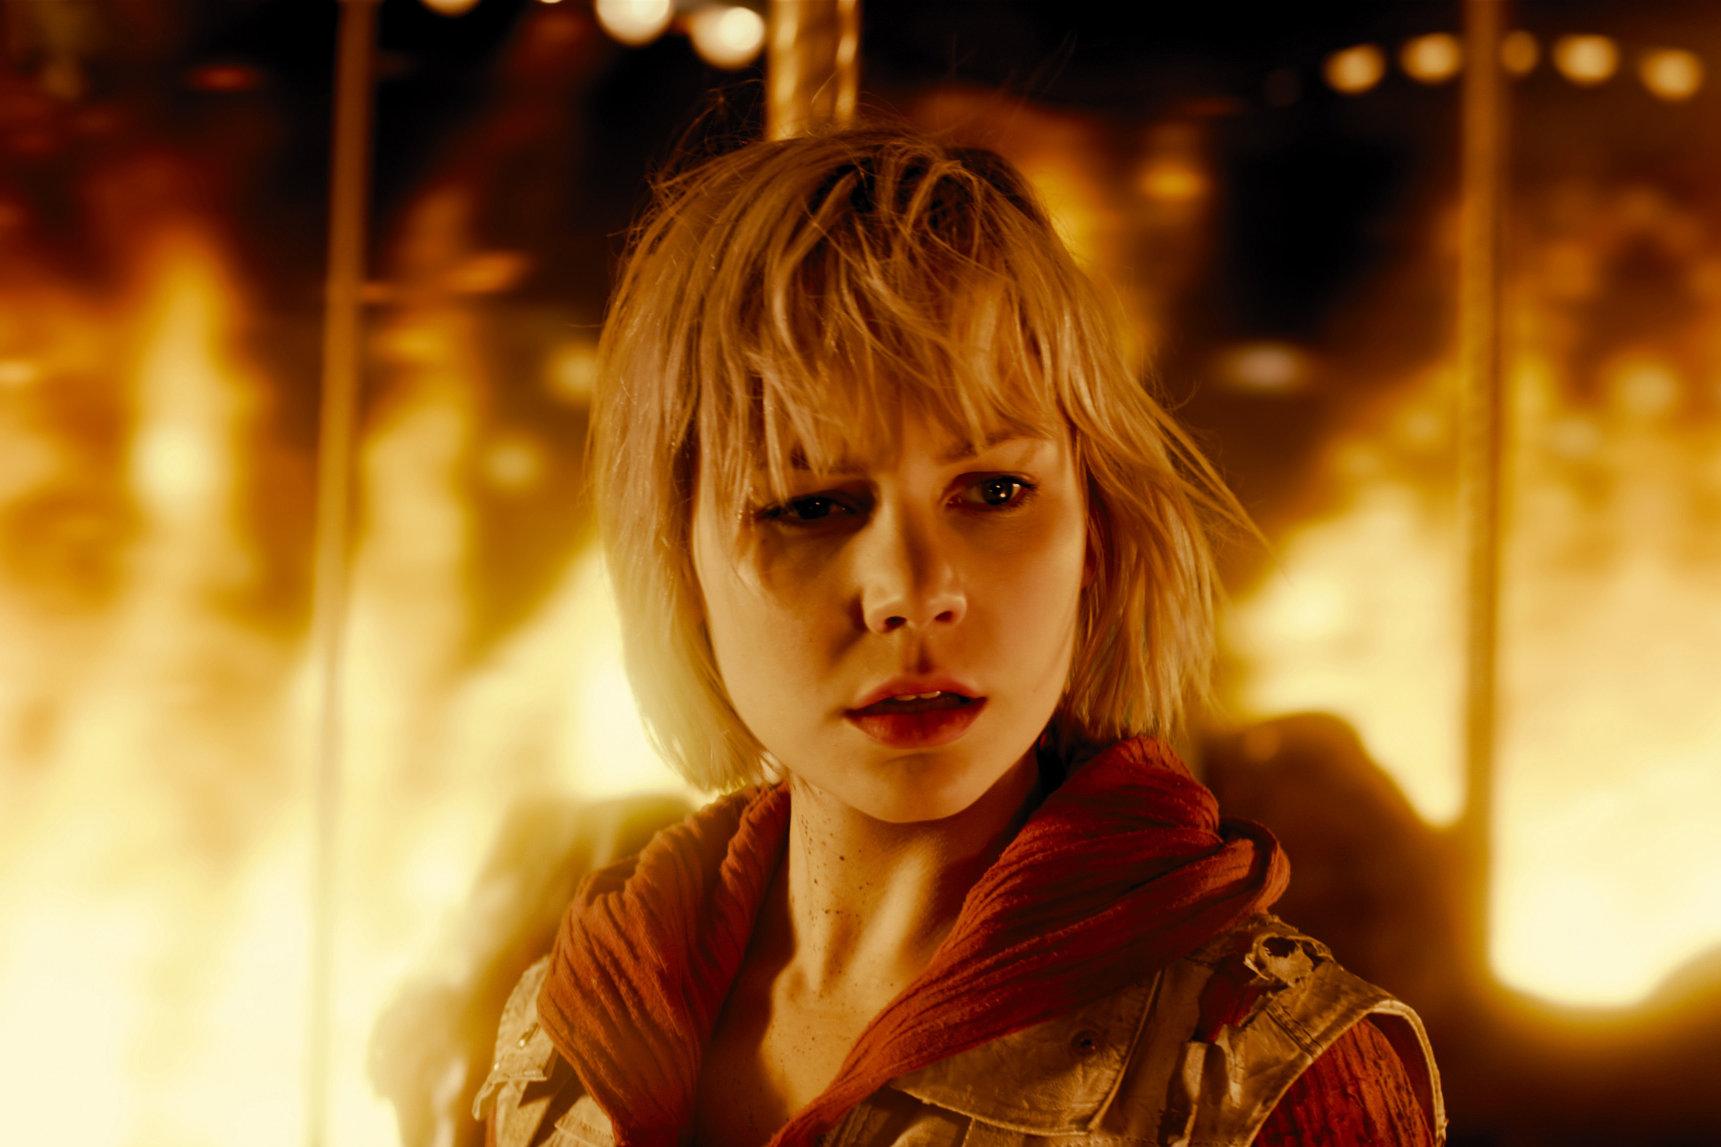 Adelaide Clemens in Silent Hill: Revelation (2012)